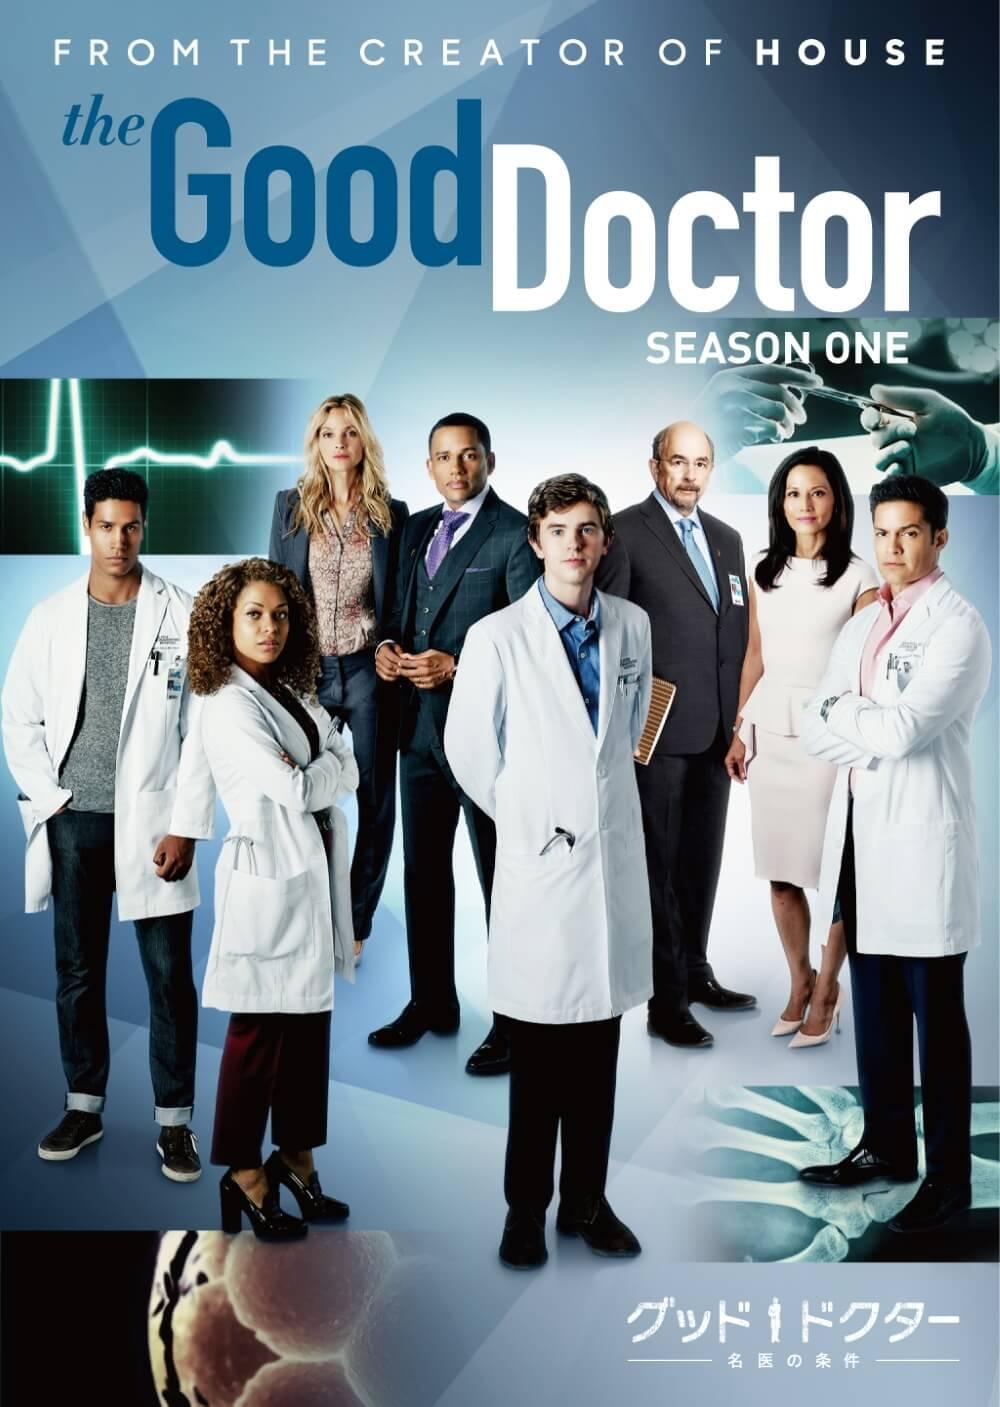 グッド・ドクター 名医の条件 シーズン1 | ソニー・ピクチャーズ公式